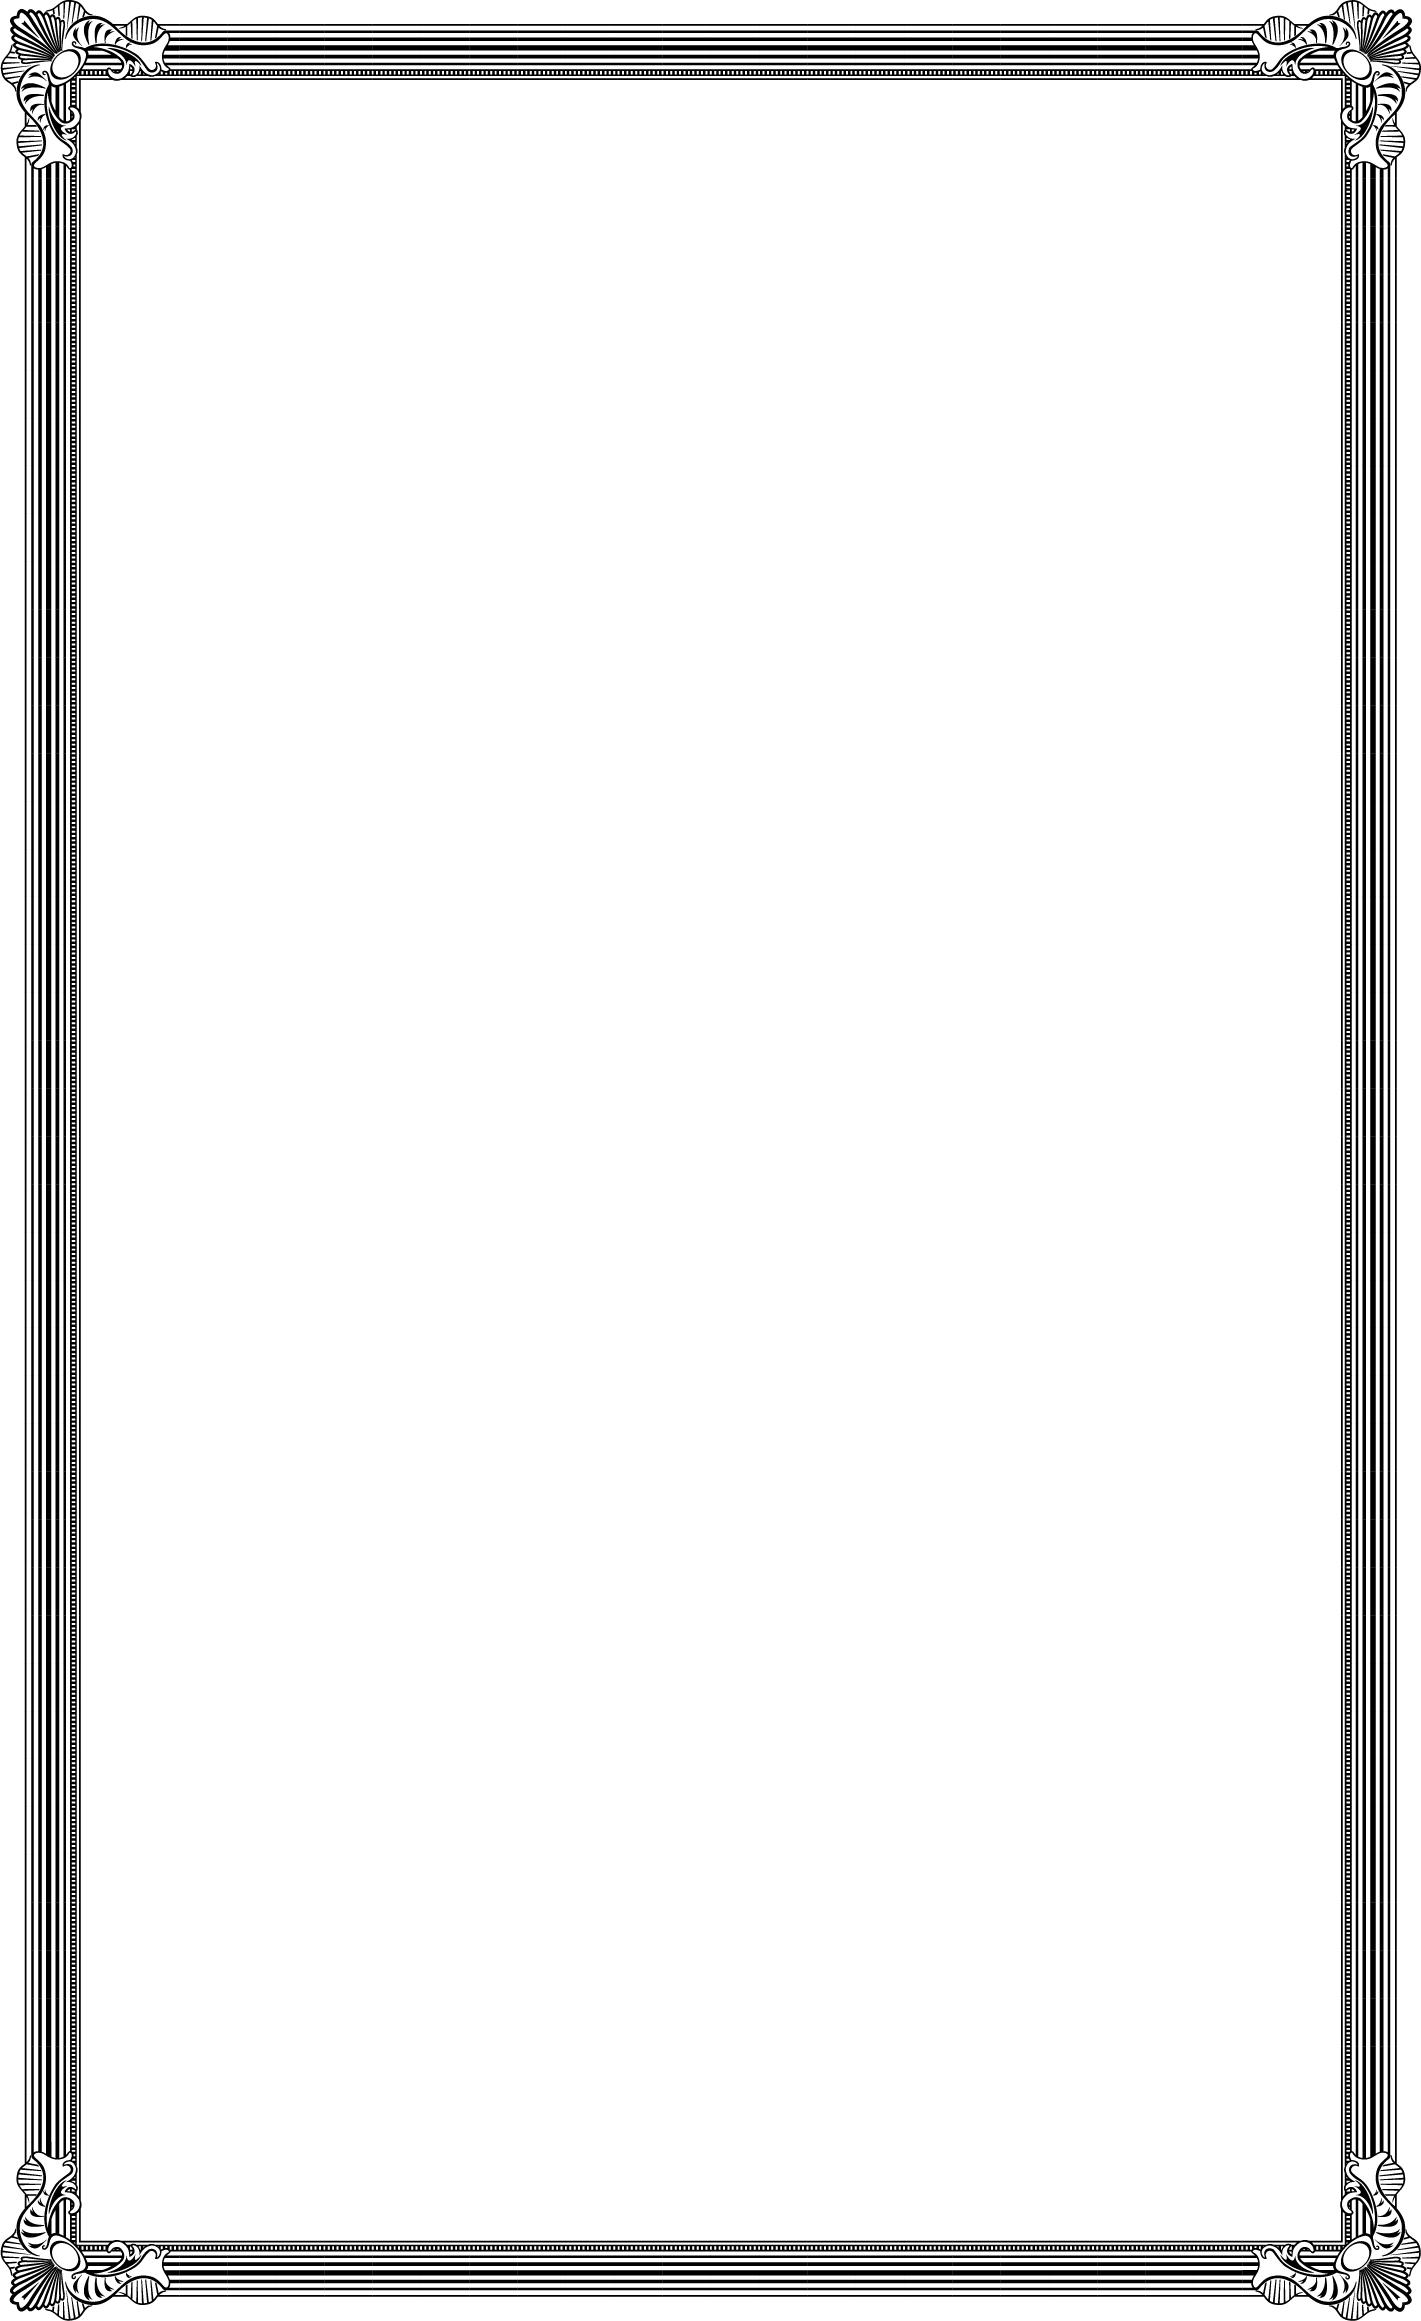 wedding menu borders and graphics